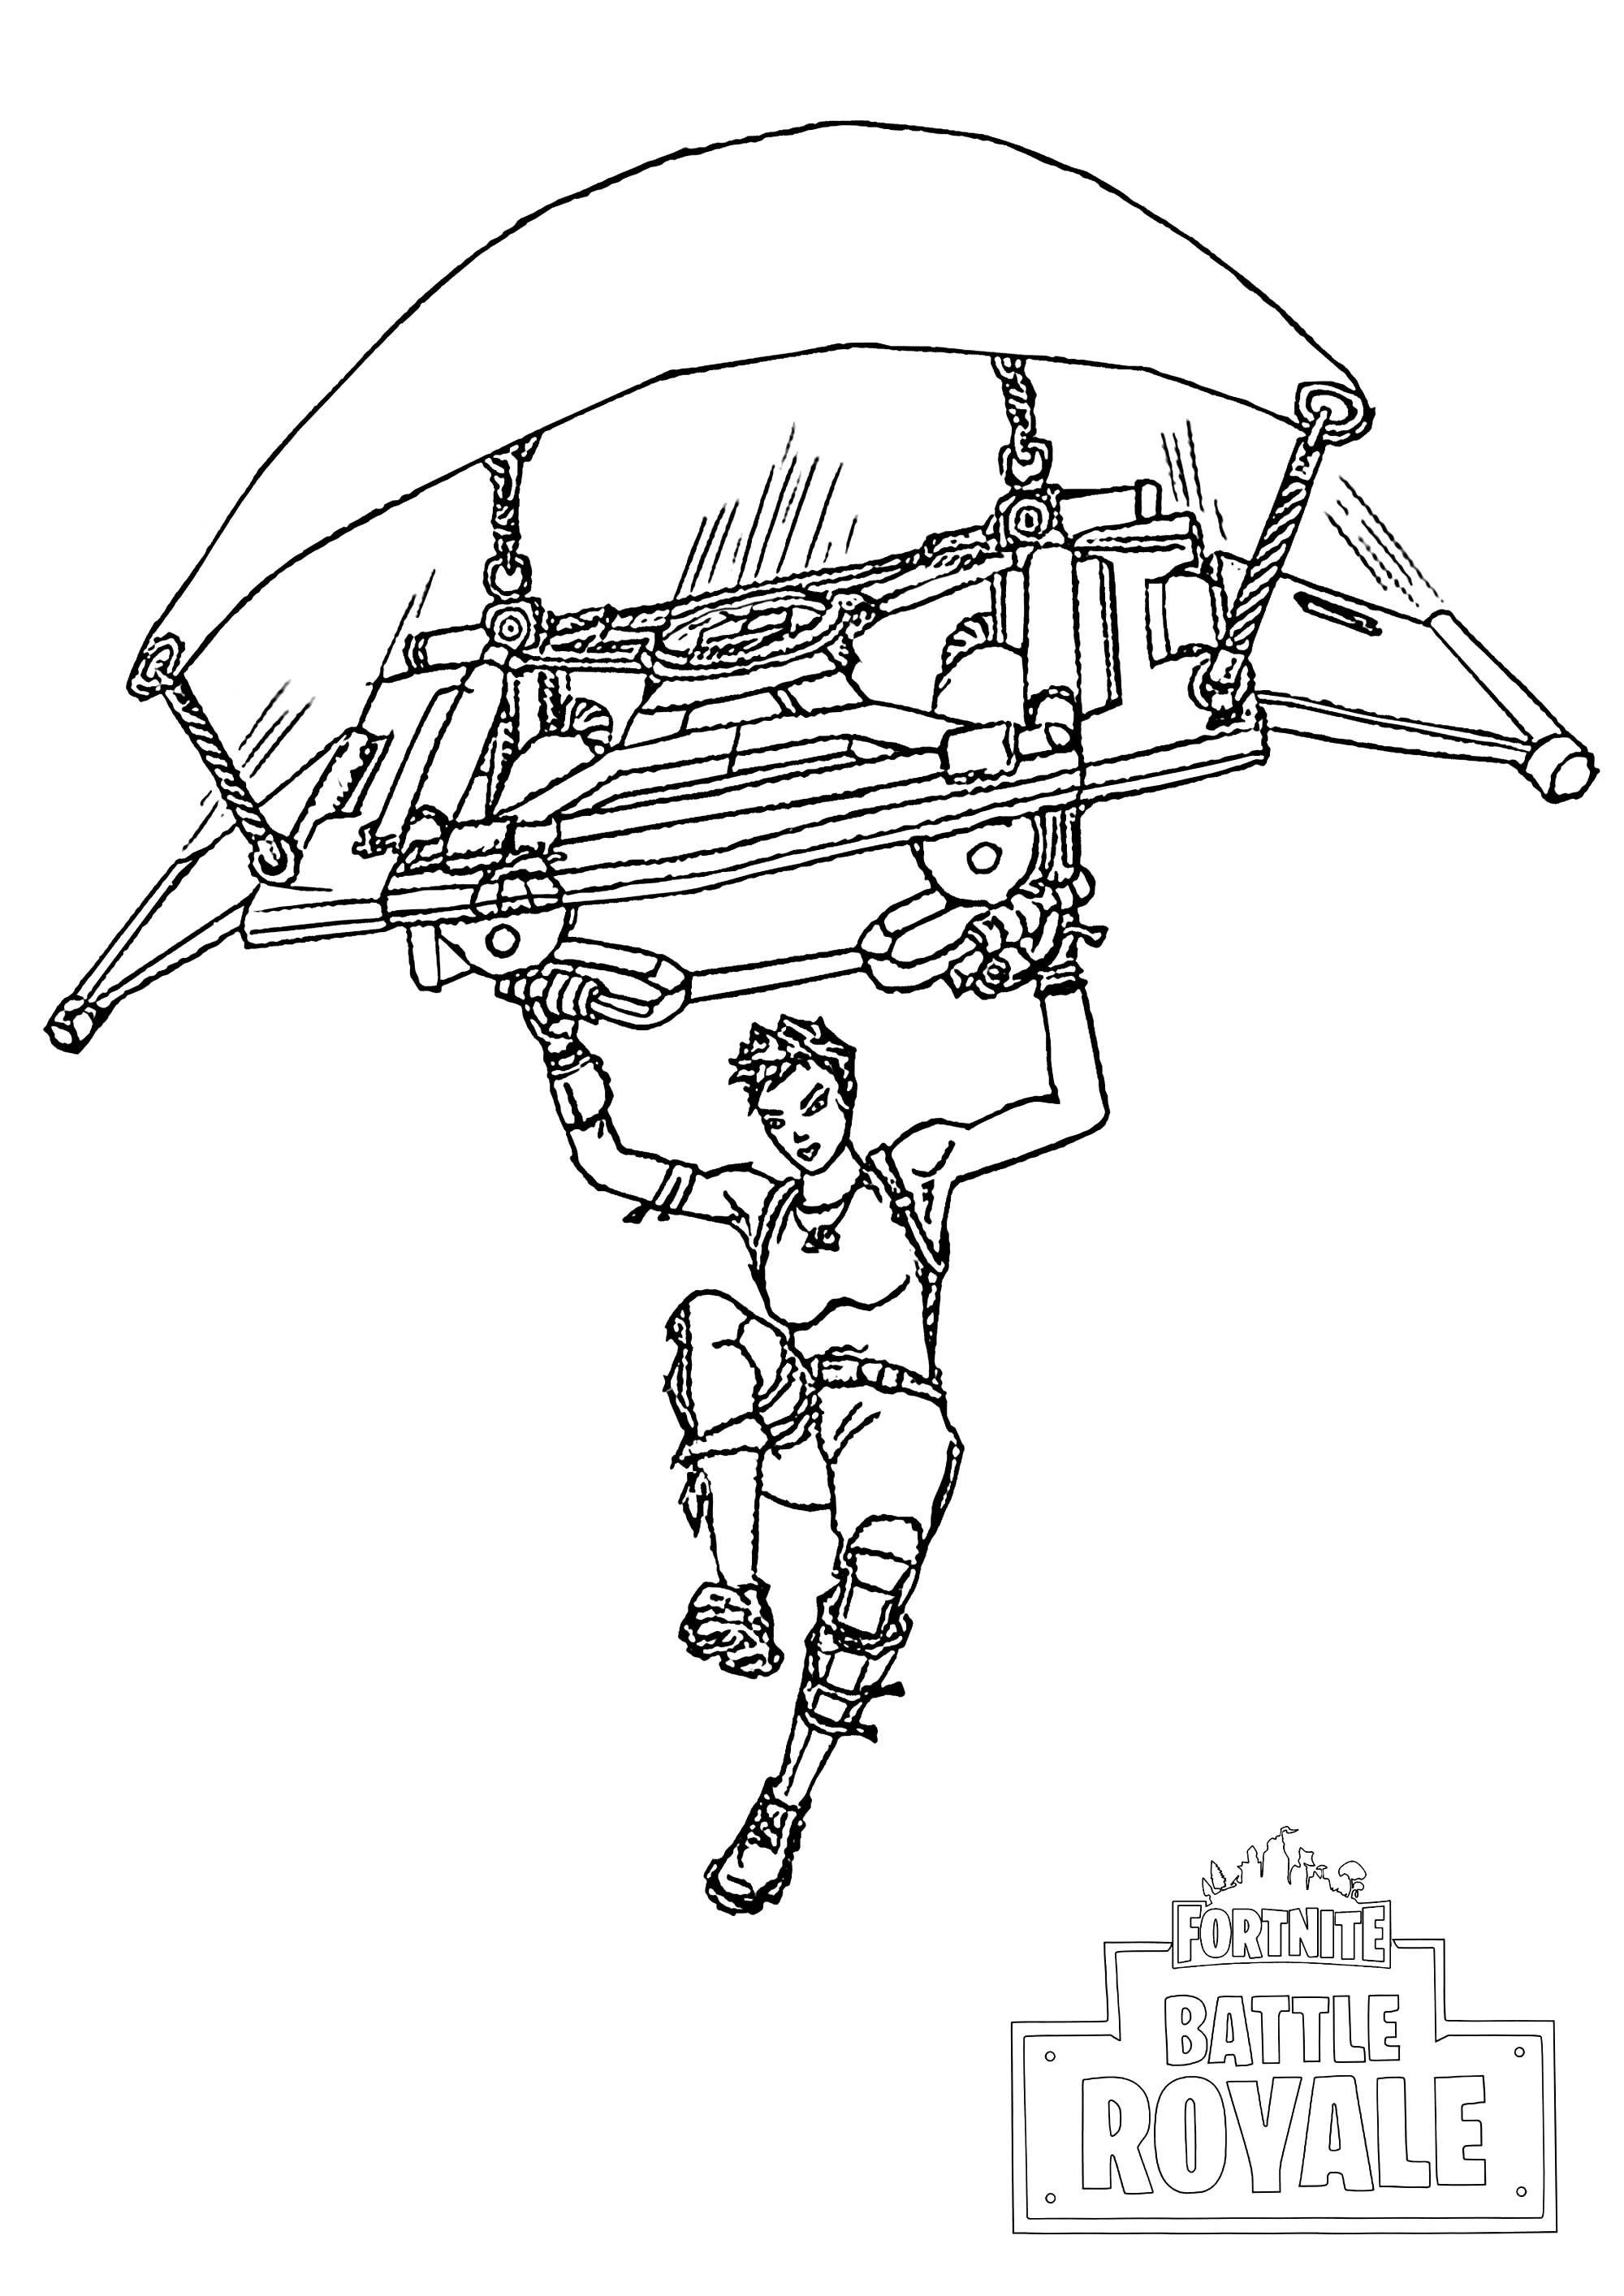 Despliega Tu Parapente Despues De Saltar Del Autobus De Batalla Elija Su Punto De Aterrizaje Con Cuidado Space Coloring Pages Coloring Pages Coloring Books